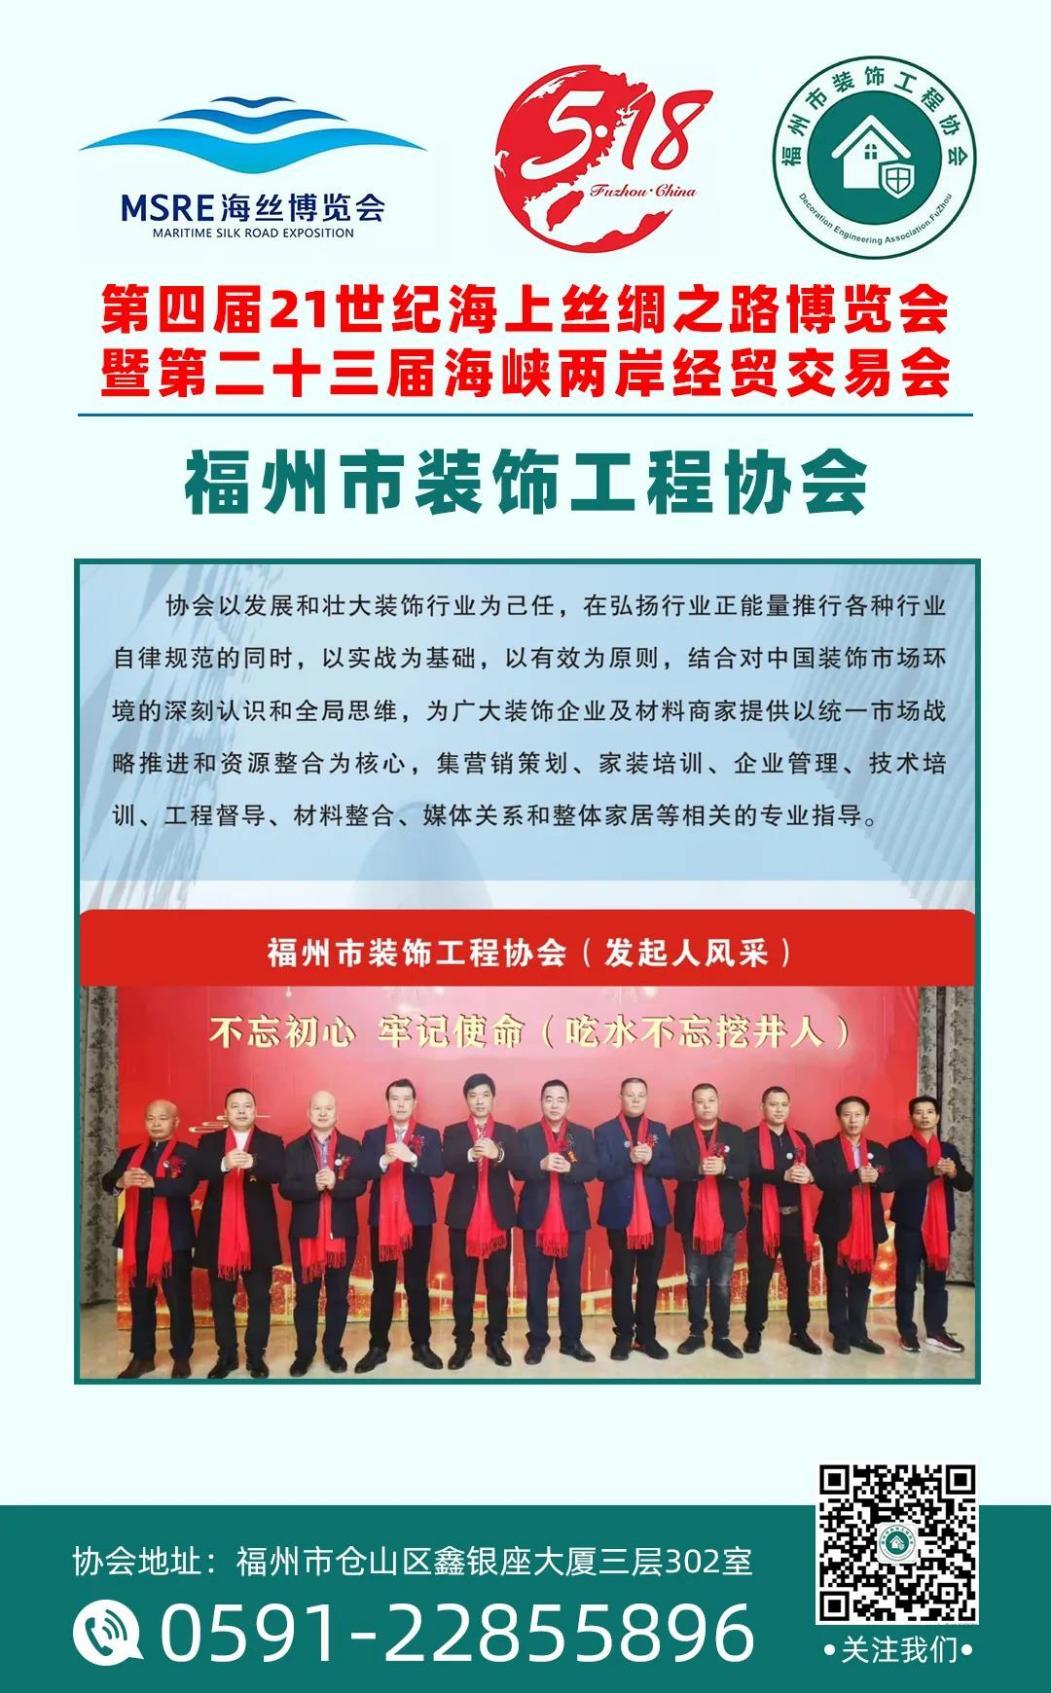 福州市装饰工程协会联合参加第二十三届海峡两岸经贸交易会活动圆满成功